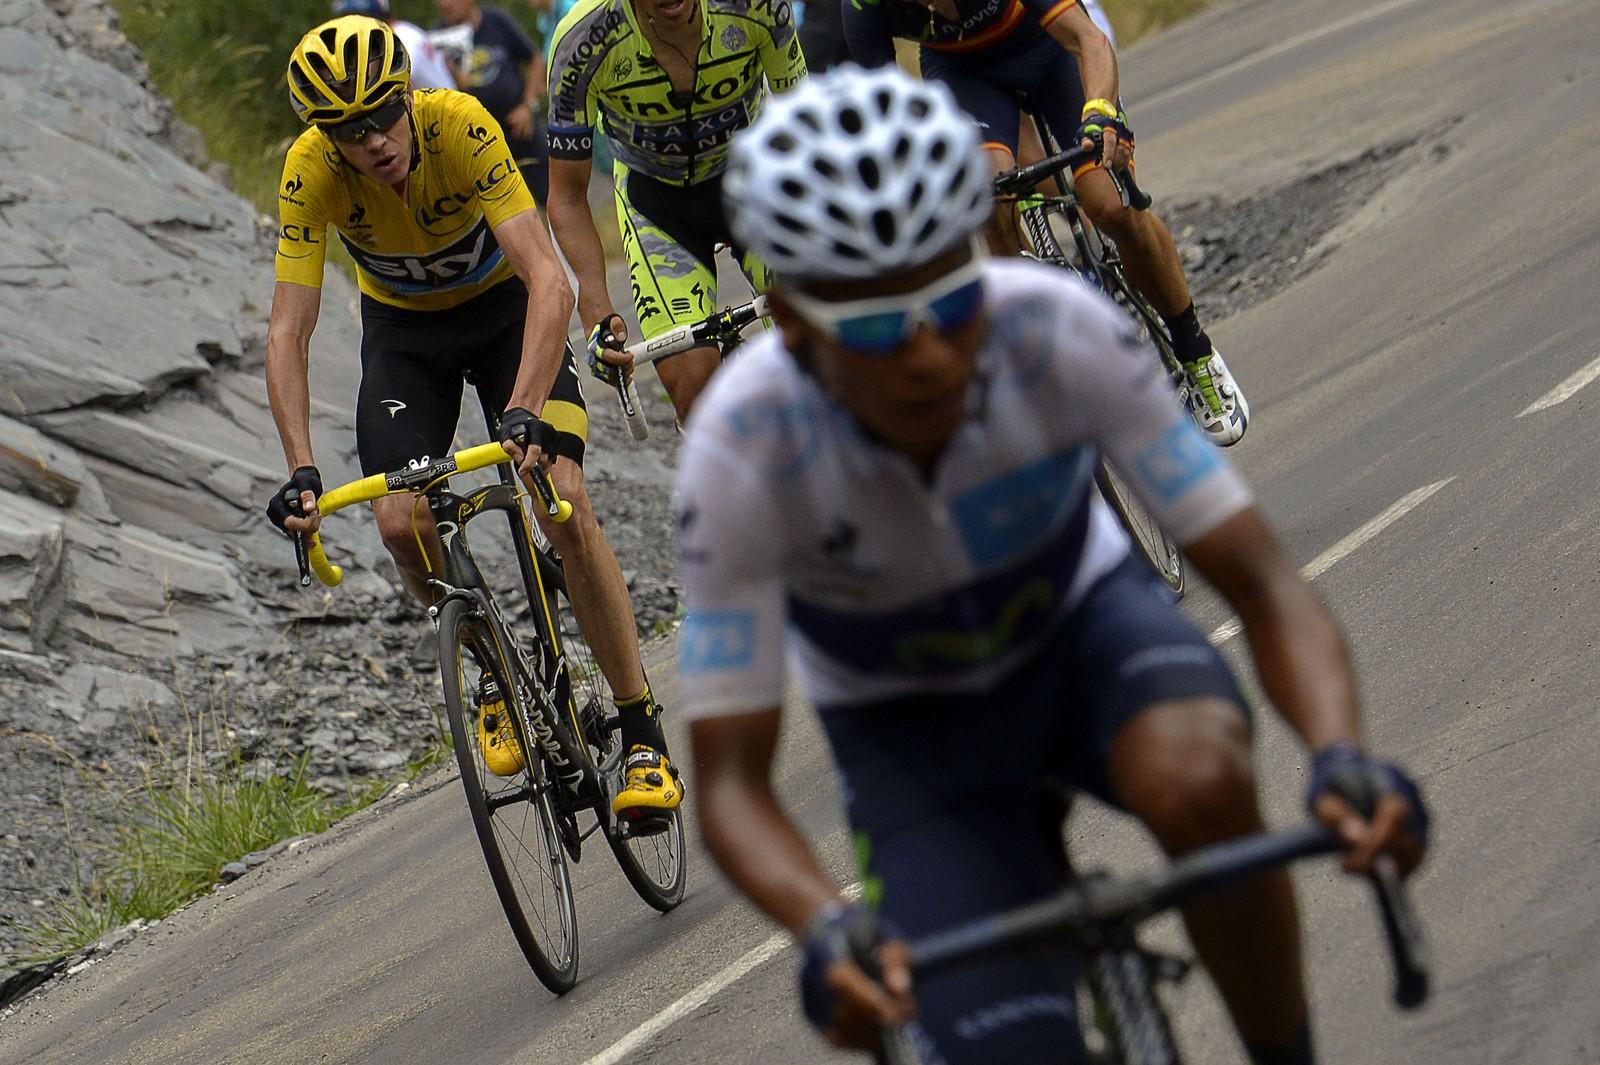 Nairo Quintana prøvde gang på gang å rykke fra i Alpene, men Chris Froome bet seg fast. Her er et av de mange forsøkene. (AFP PHOTO / JEFF PACHOUD